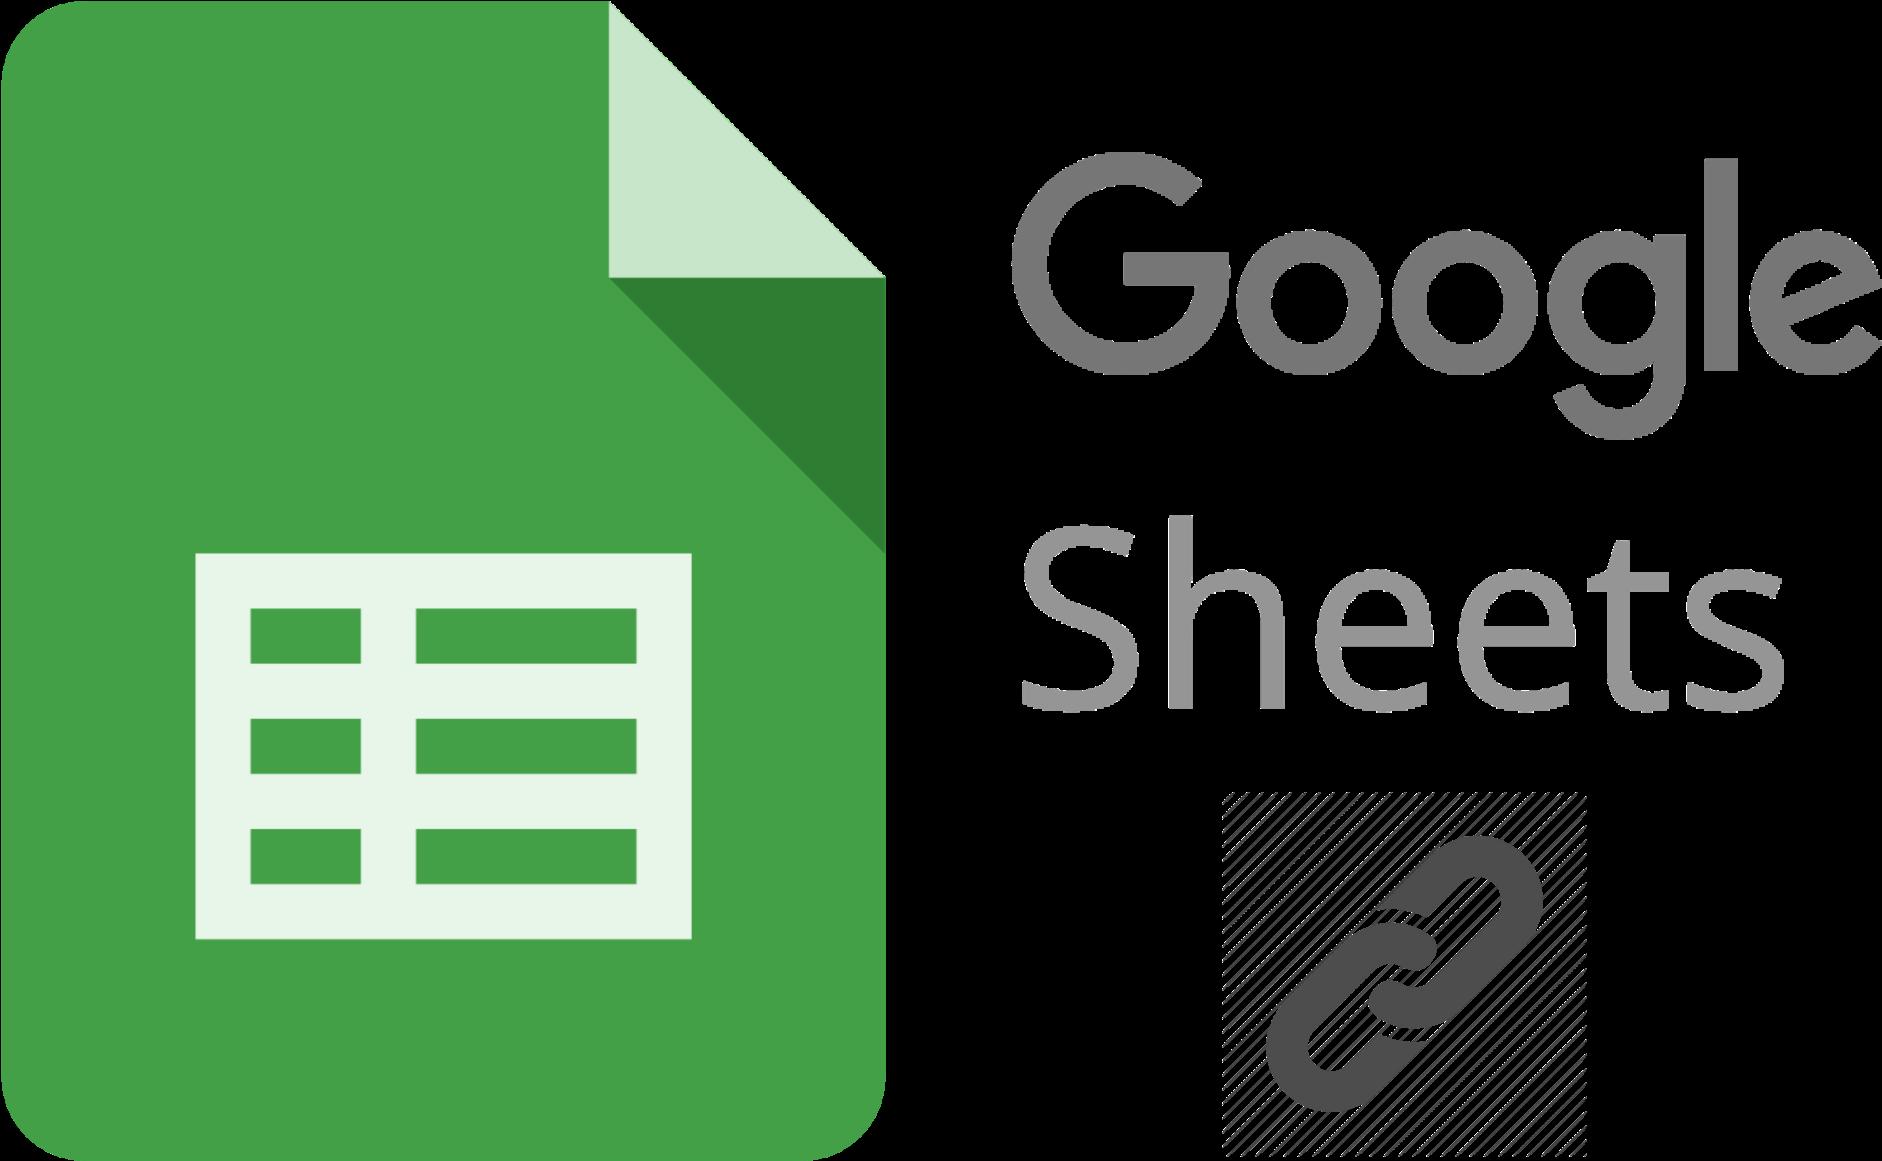 Hướng dẫn sử dụng Google Sheets chia sẻ file cho nhiều người chỉnh sửa